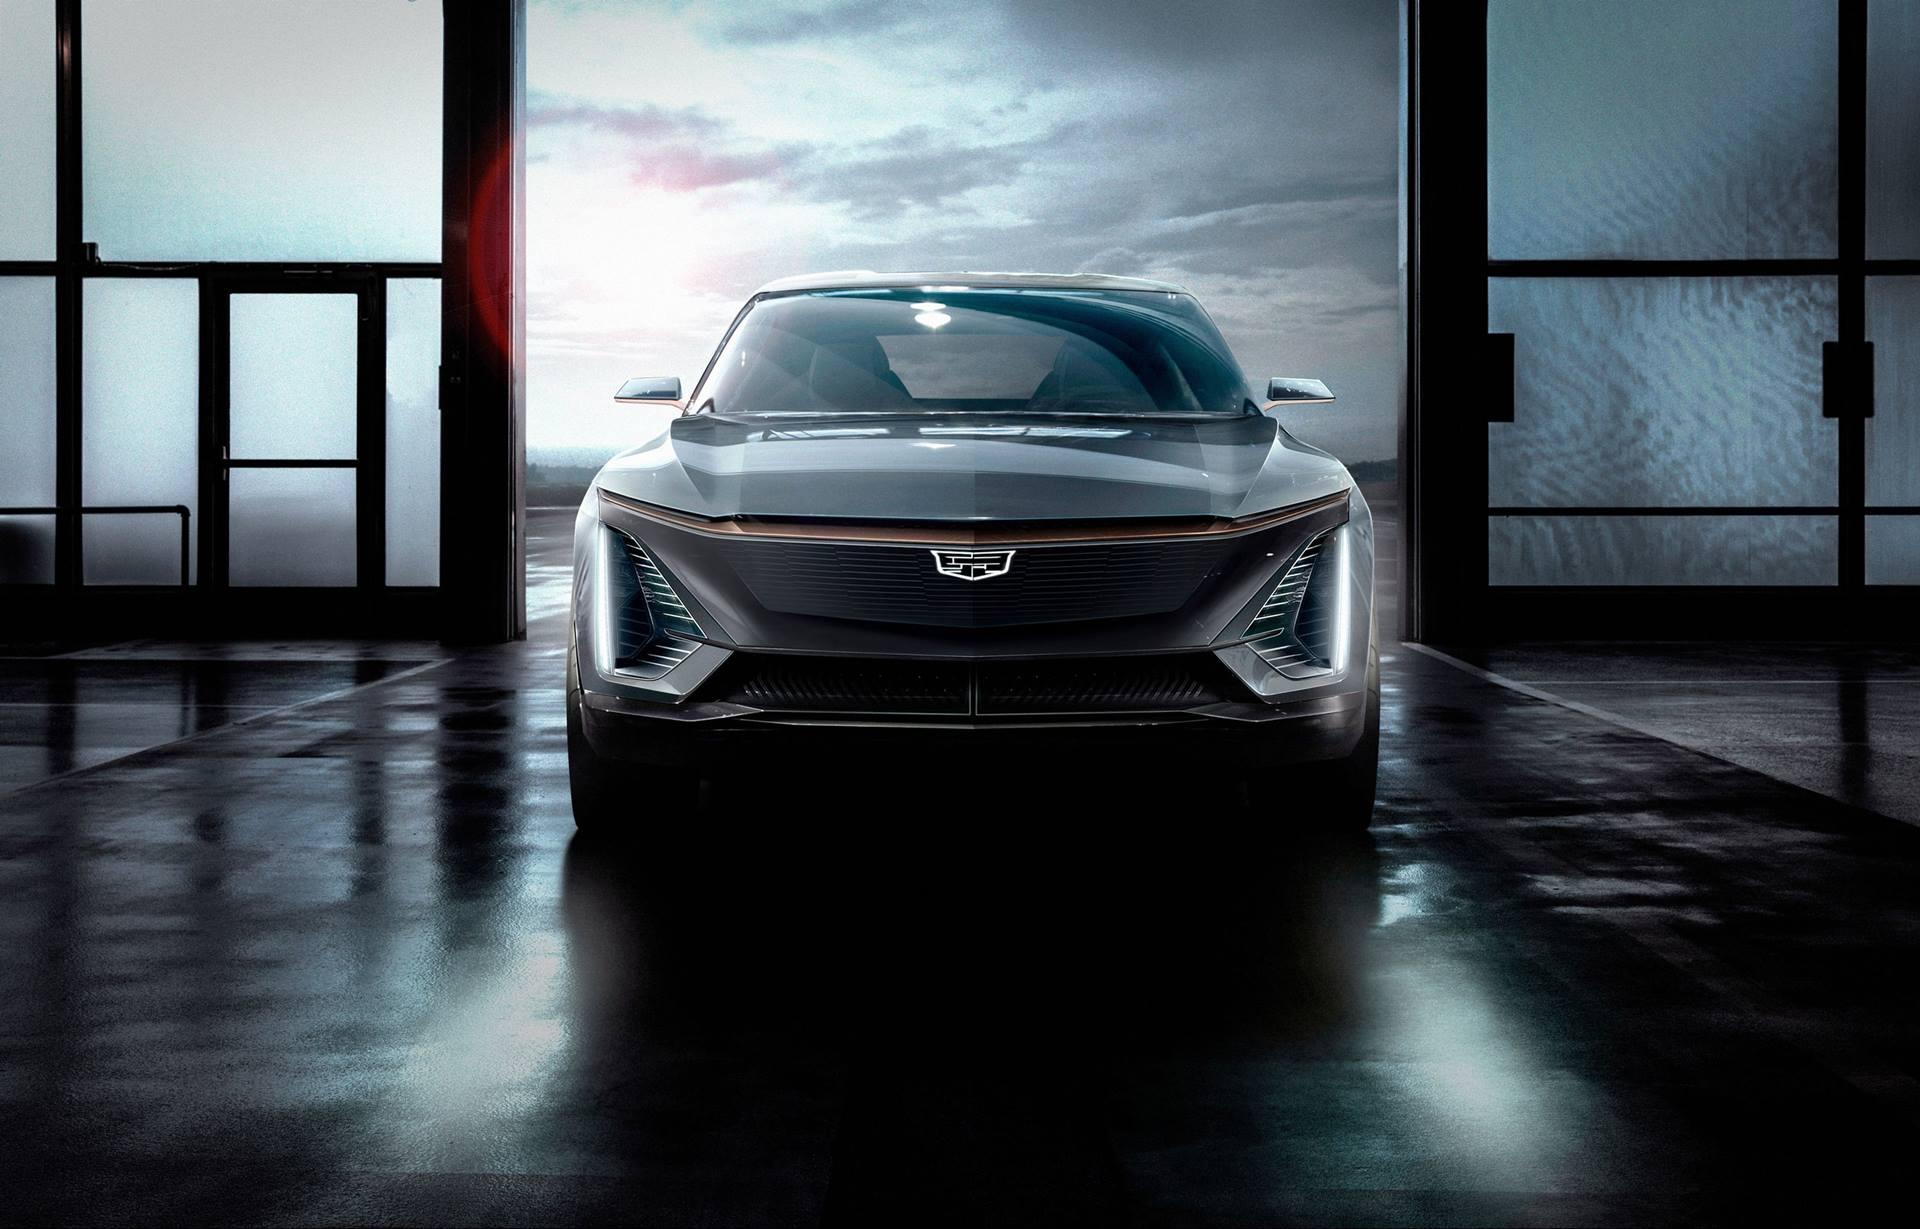 Cadillac is bringing back real names for its vehicles thumbnail